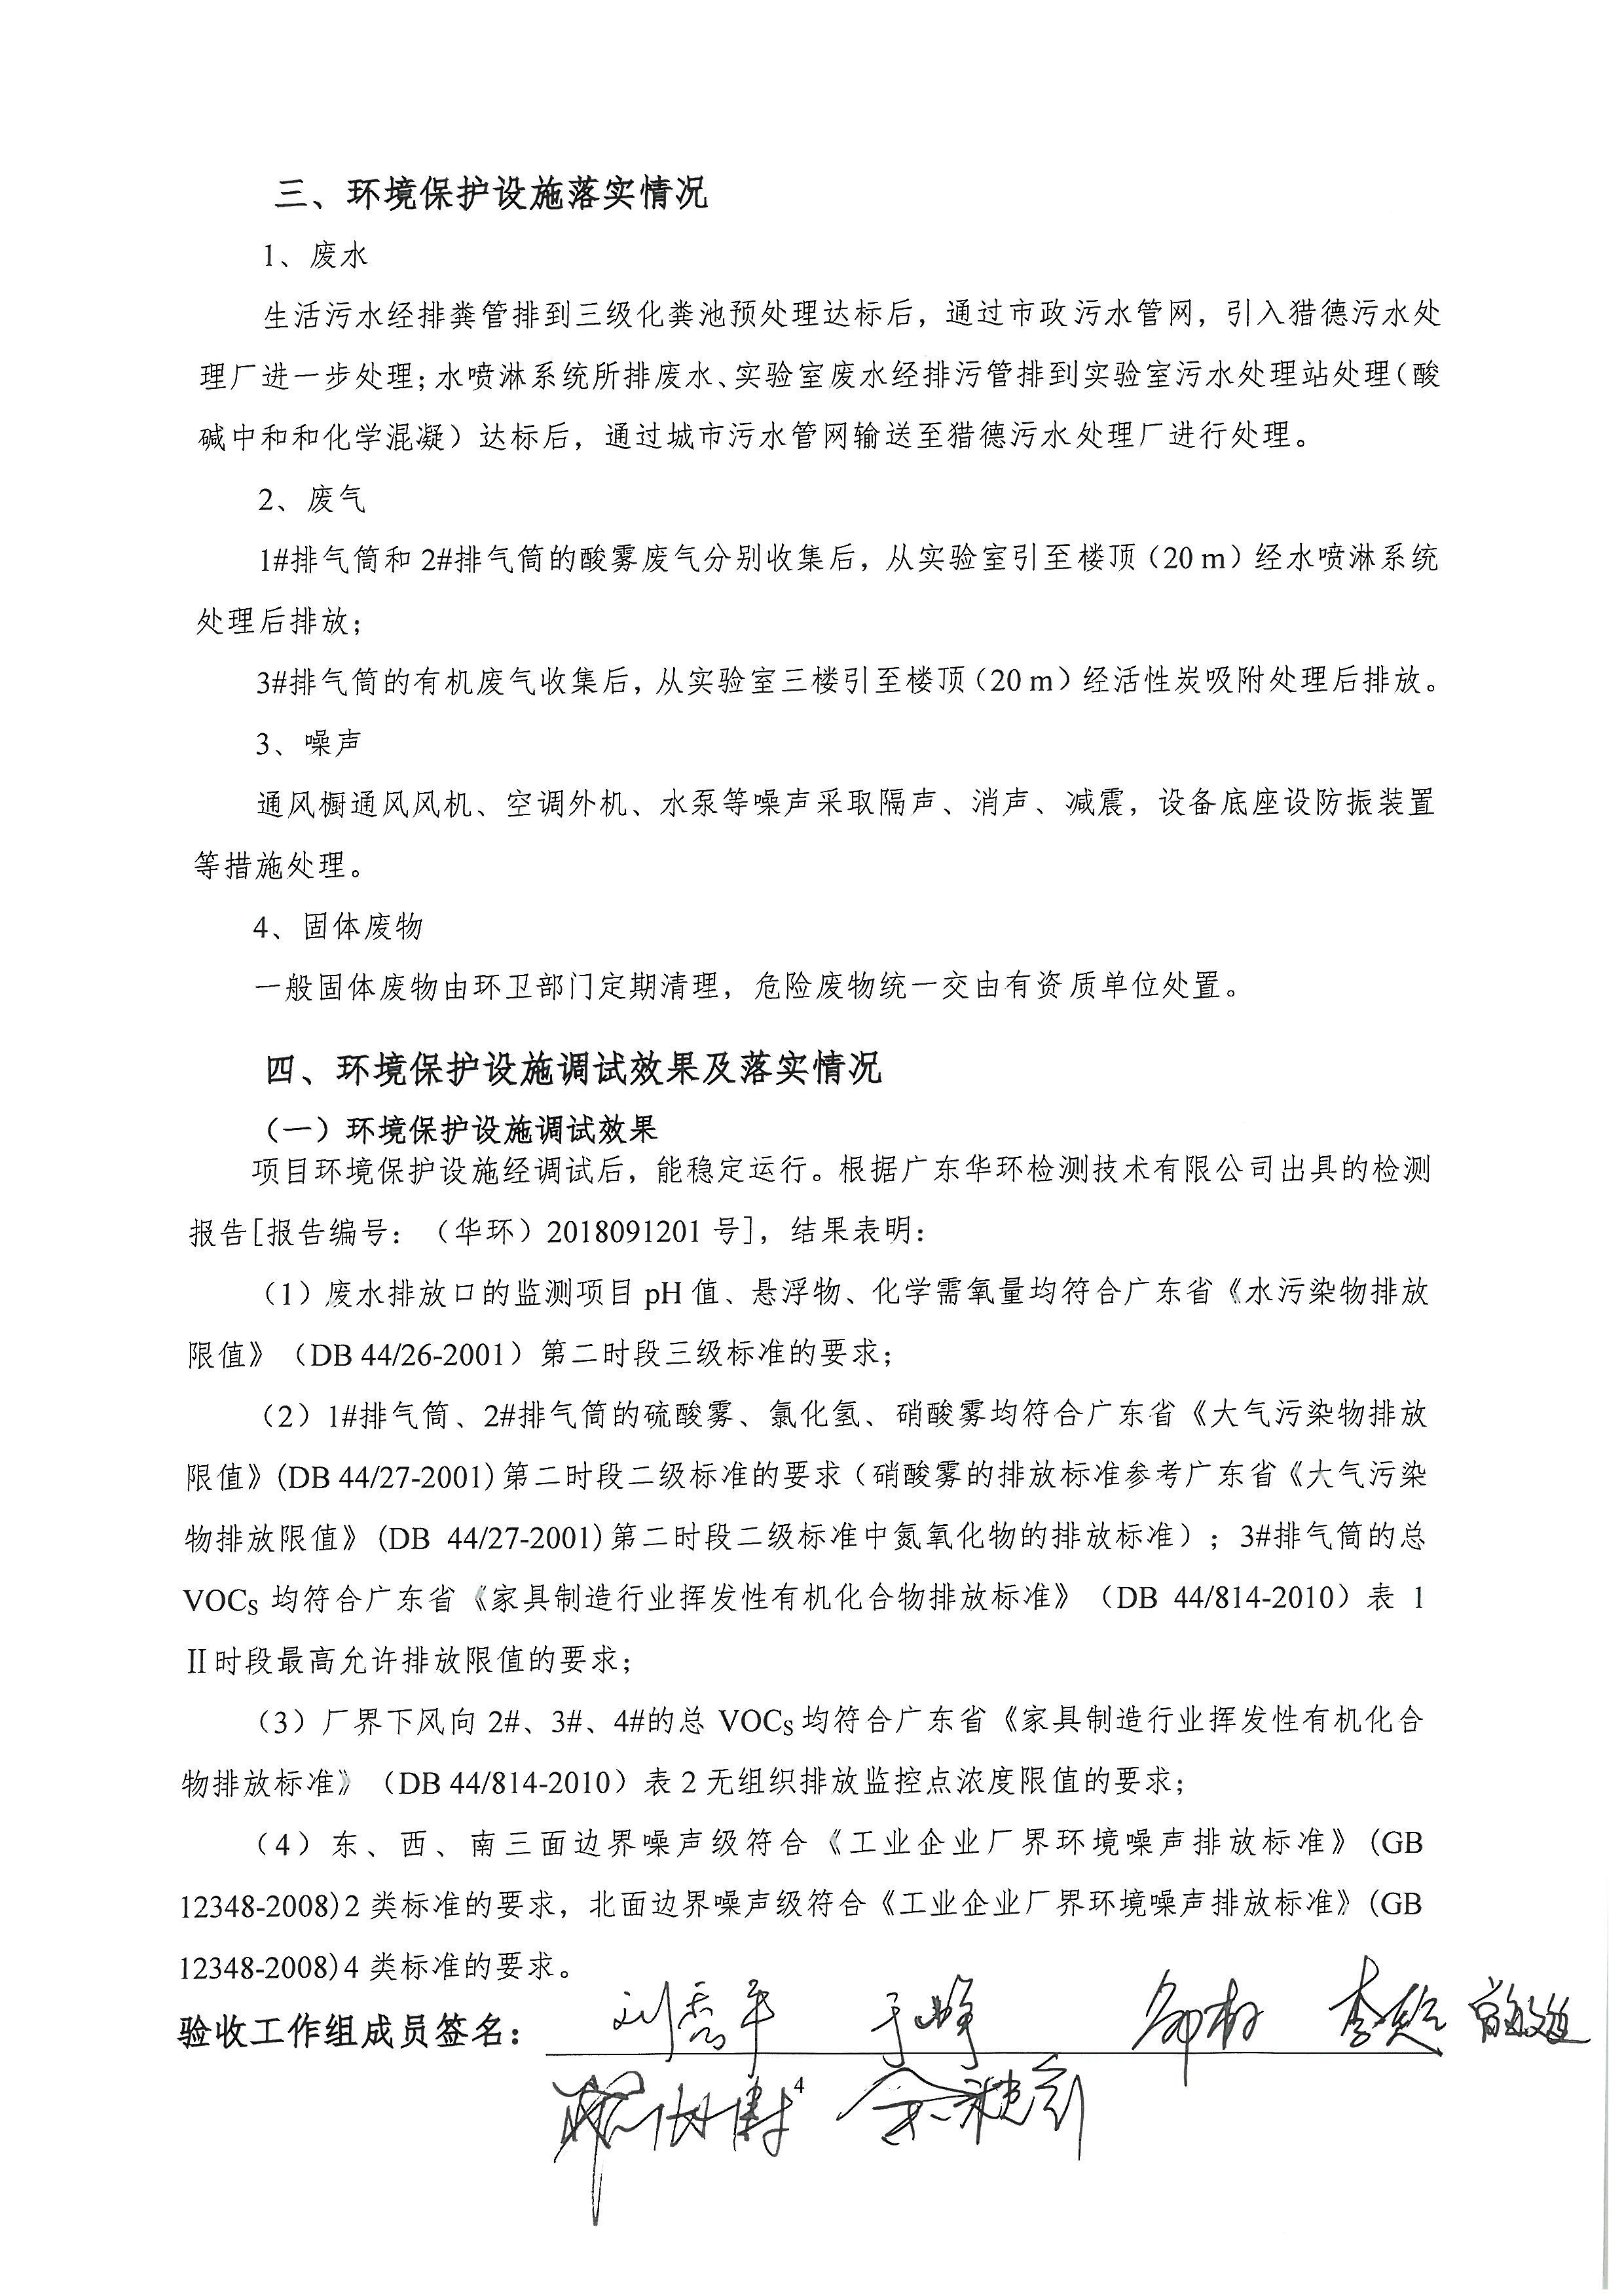 广东建研环境监测有限公司建设项目环境保护设施验收工作组意见_页面_4